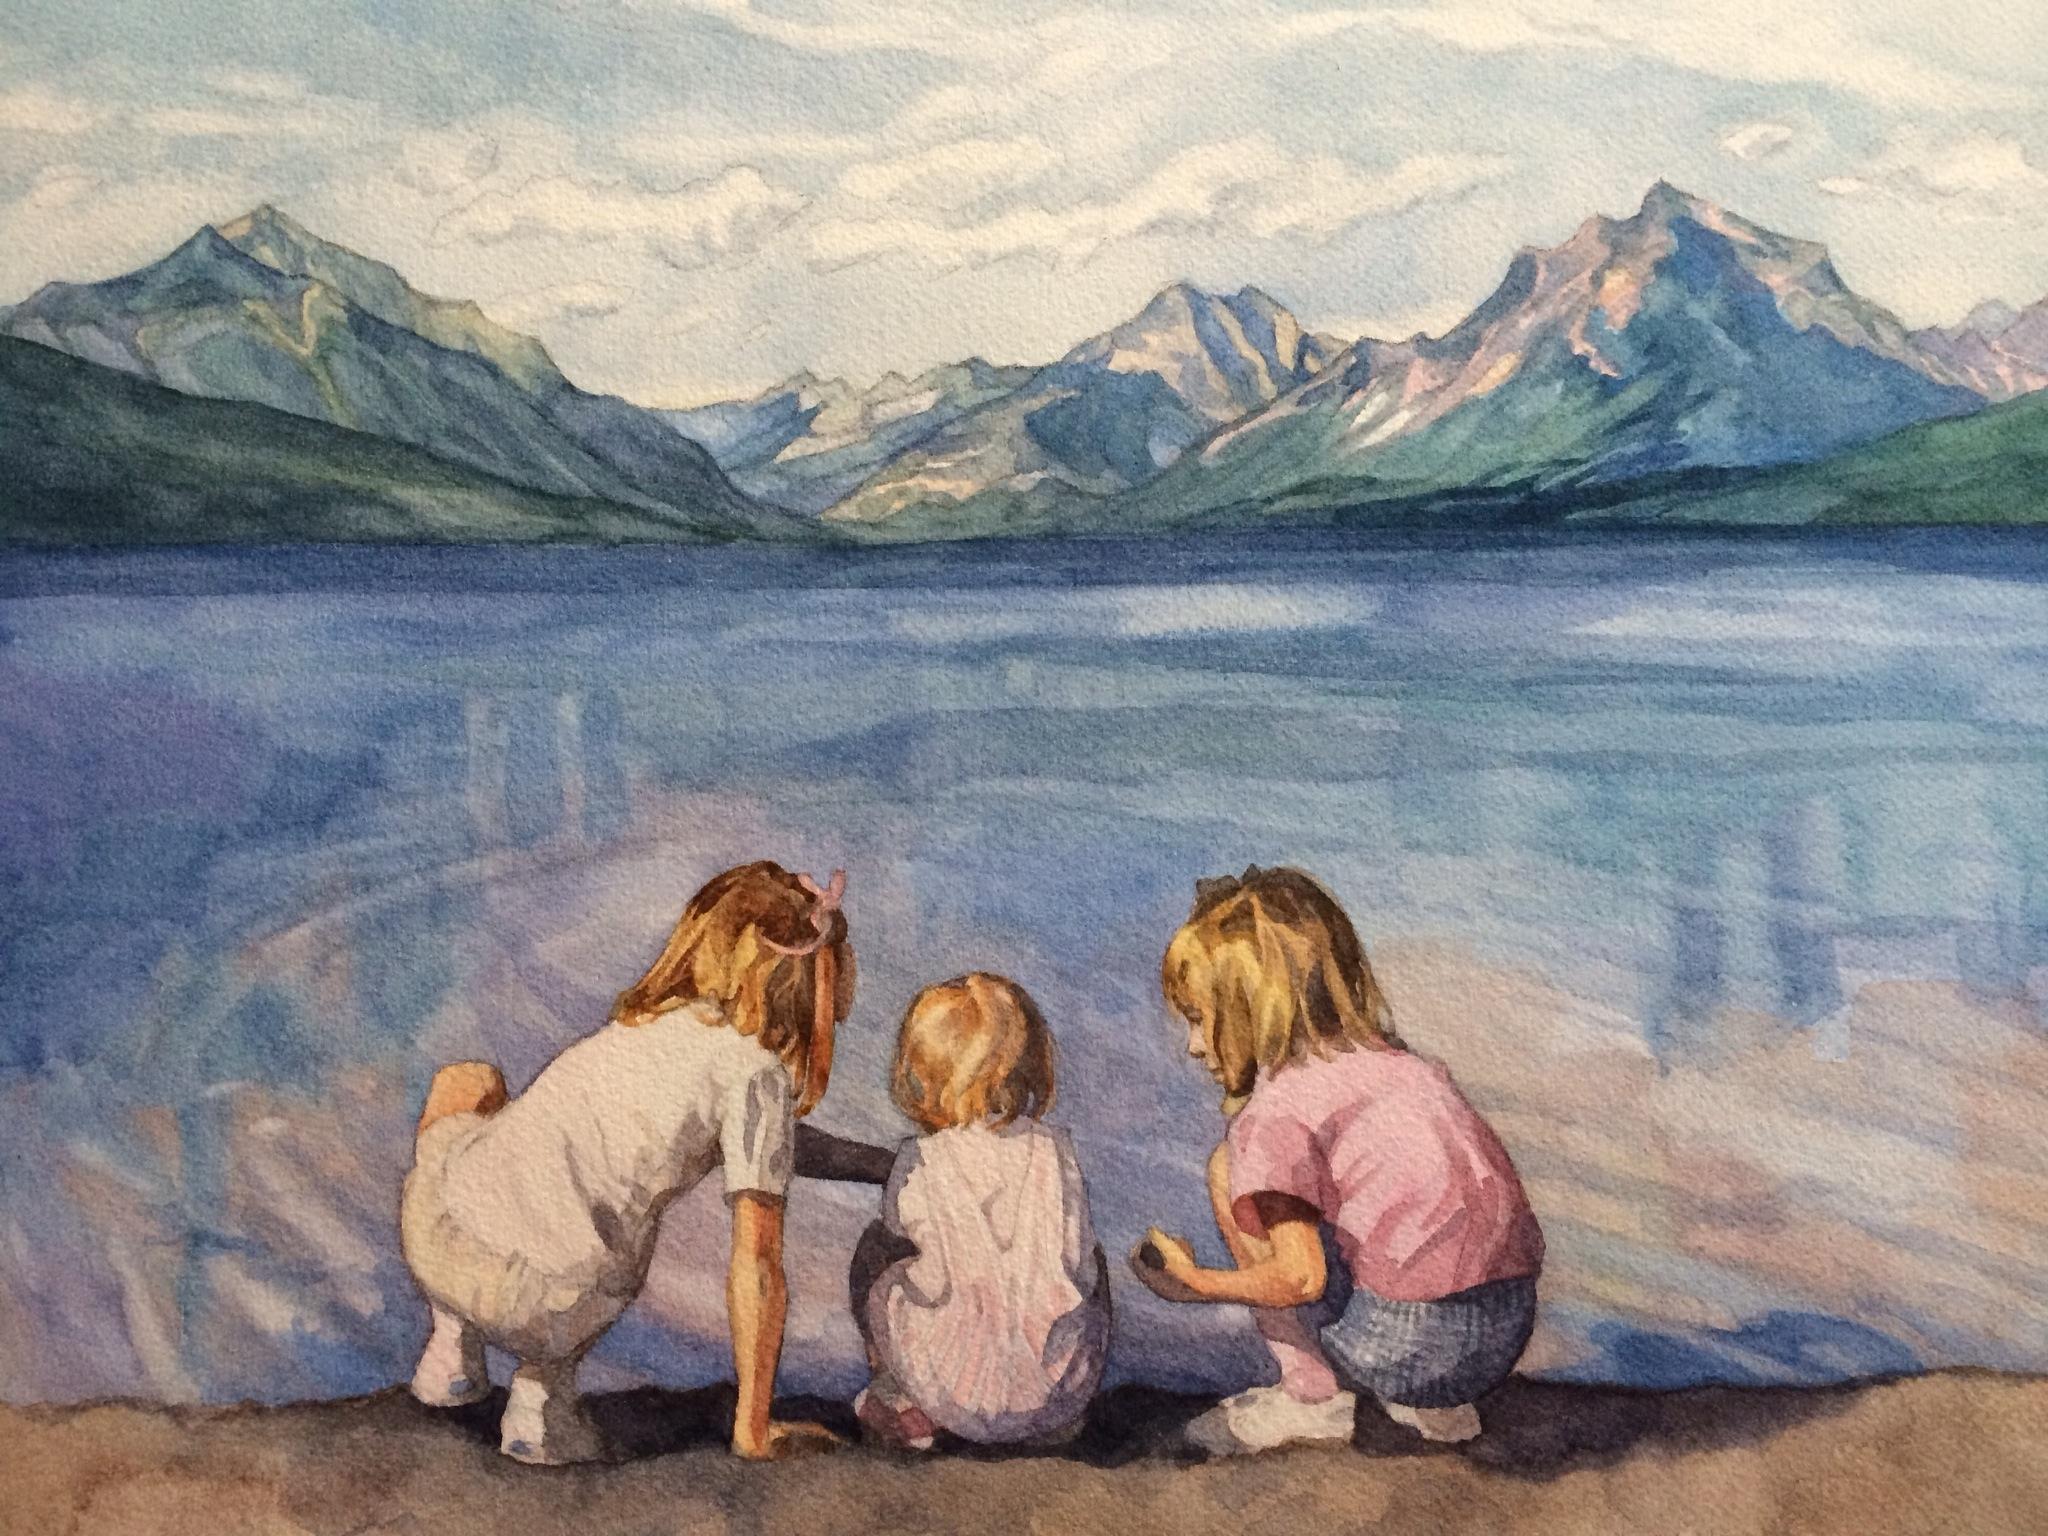 Emily, Eryn, and Ellie